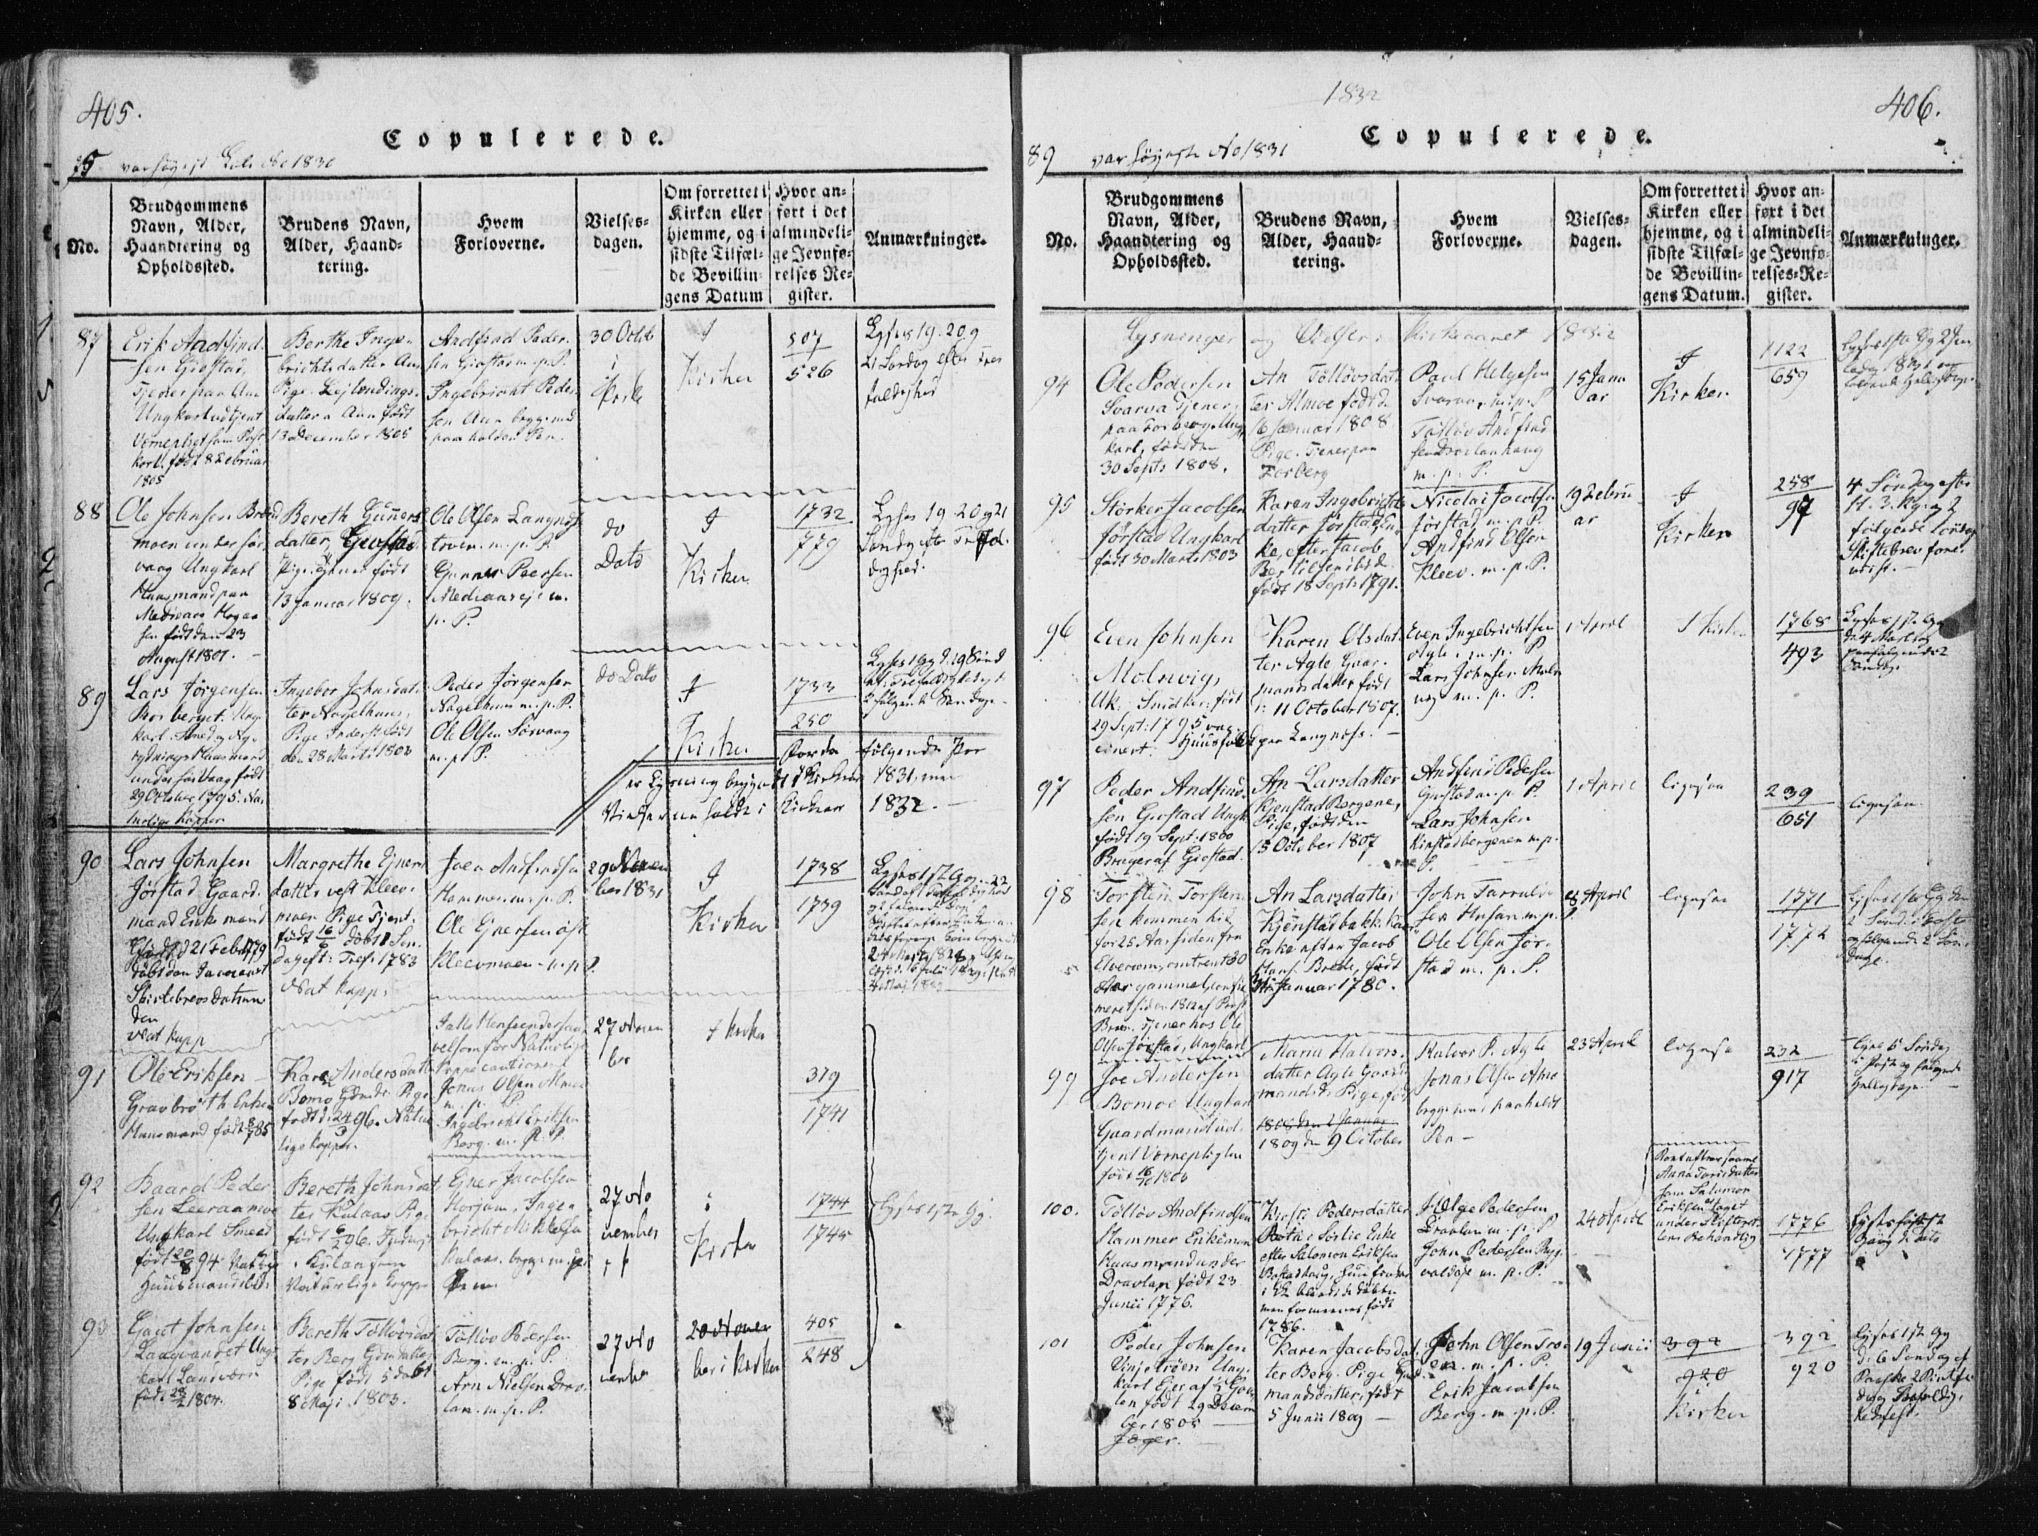 SAT, Ministerialprotokoller, klokkerbøker og fødselsregistre - Nord-Trøndelag, 749/L0469: Ministerialbok nr. 749A03, 1817-1857, s. 405-406